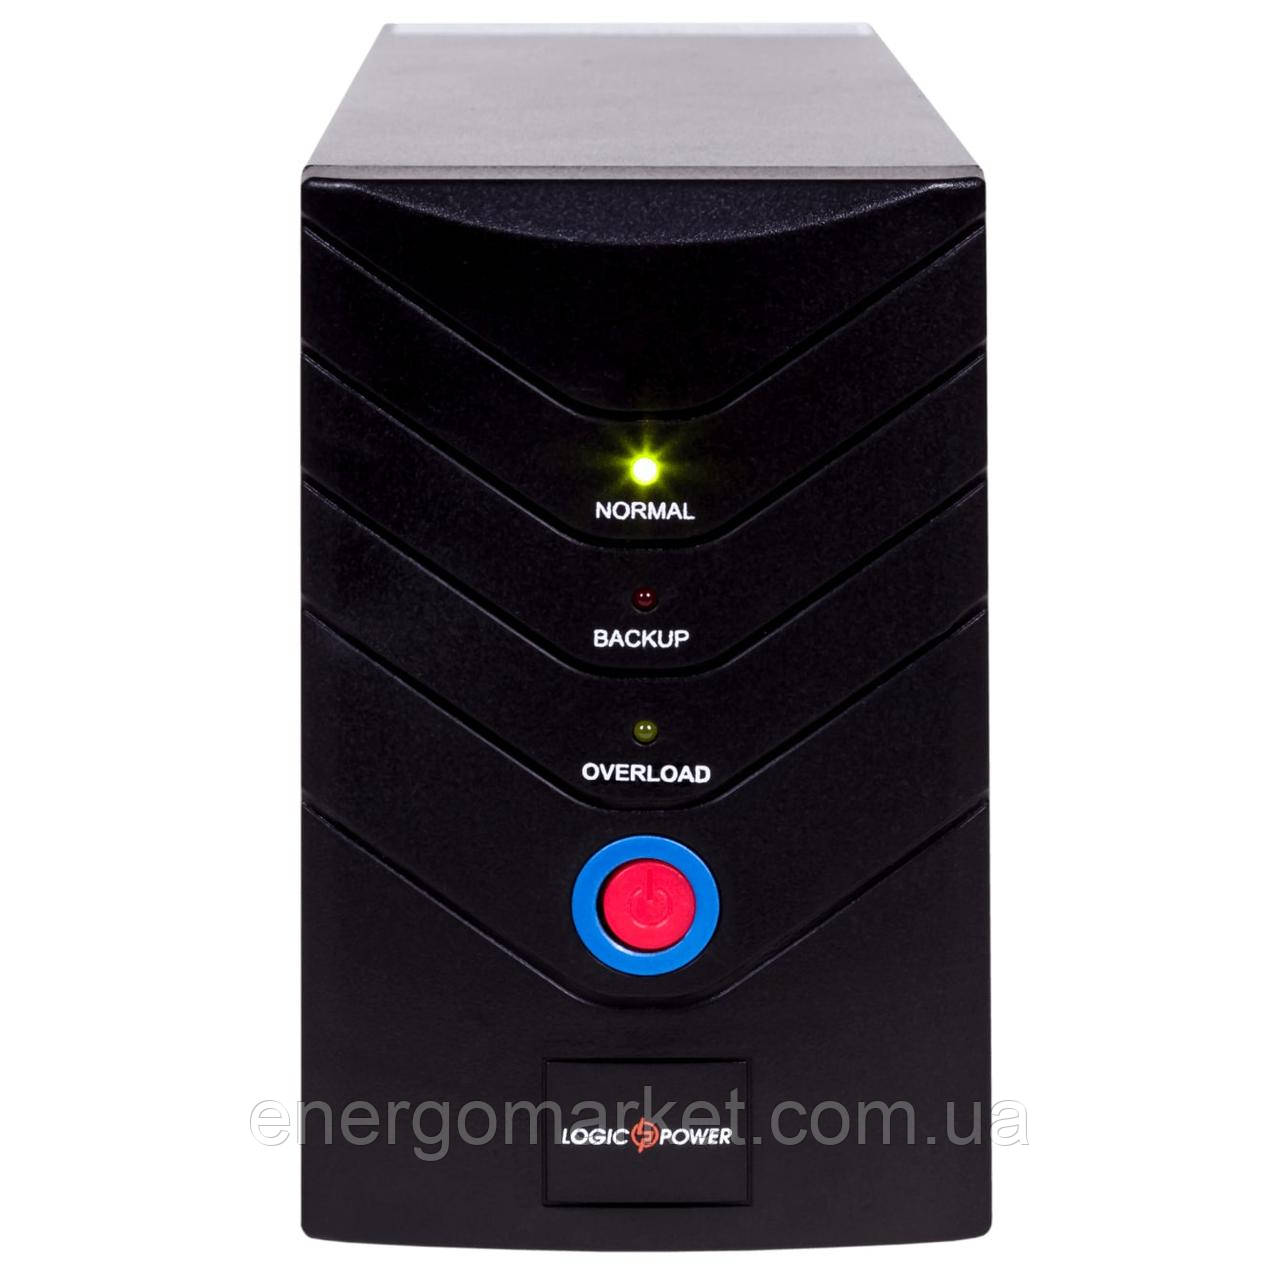 Линейно-интерактивный ИБП Logic Power LP U650VA (390Вт) металл